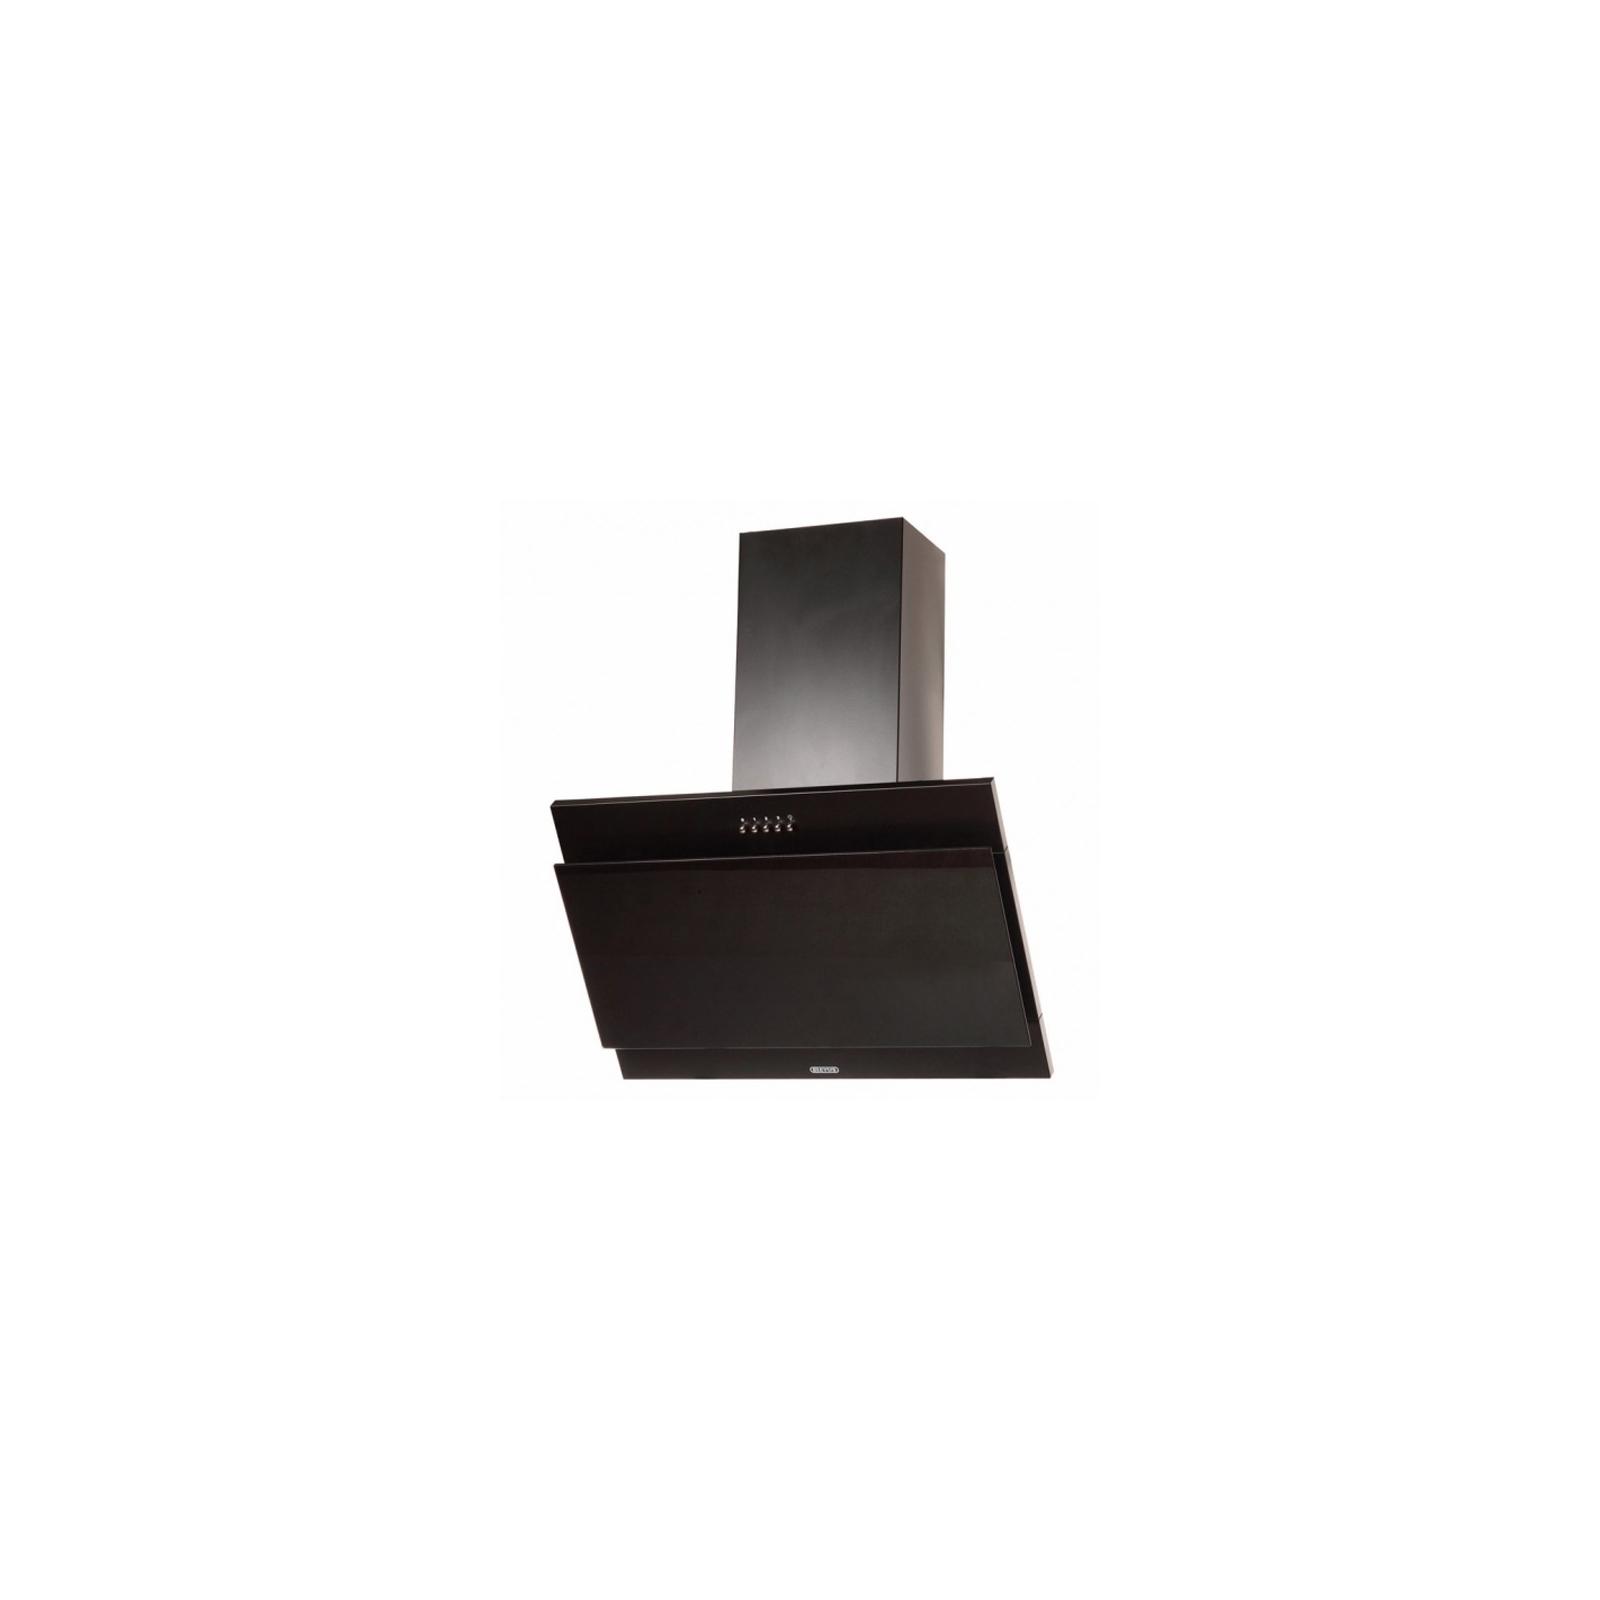 Вытяжка кухонная ELEYUS Lana 700 50 WH